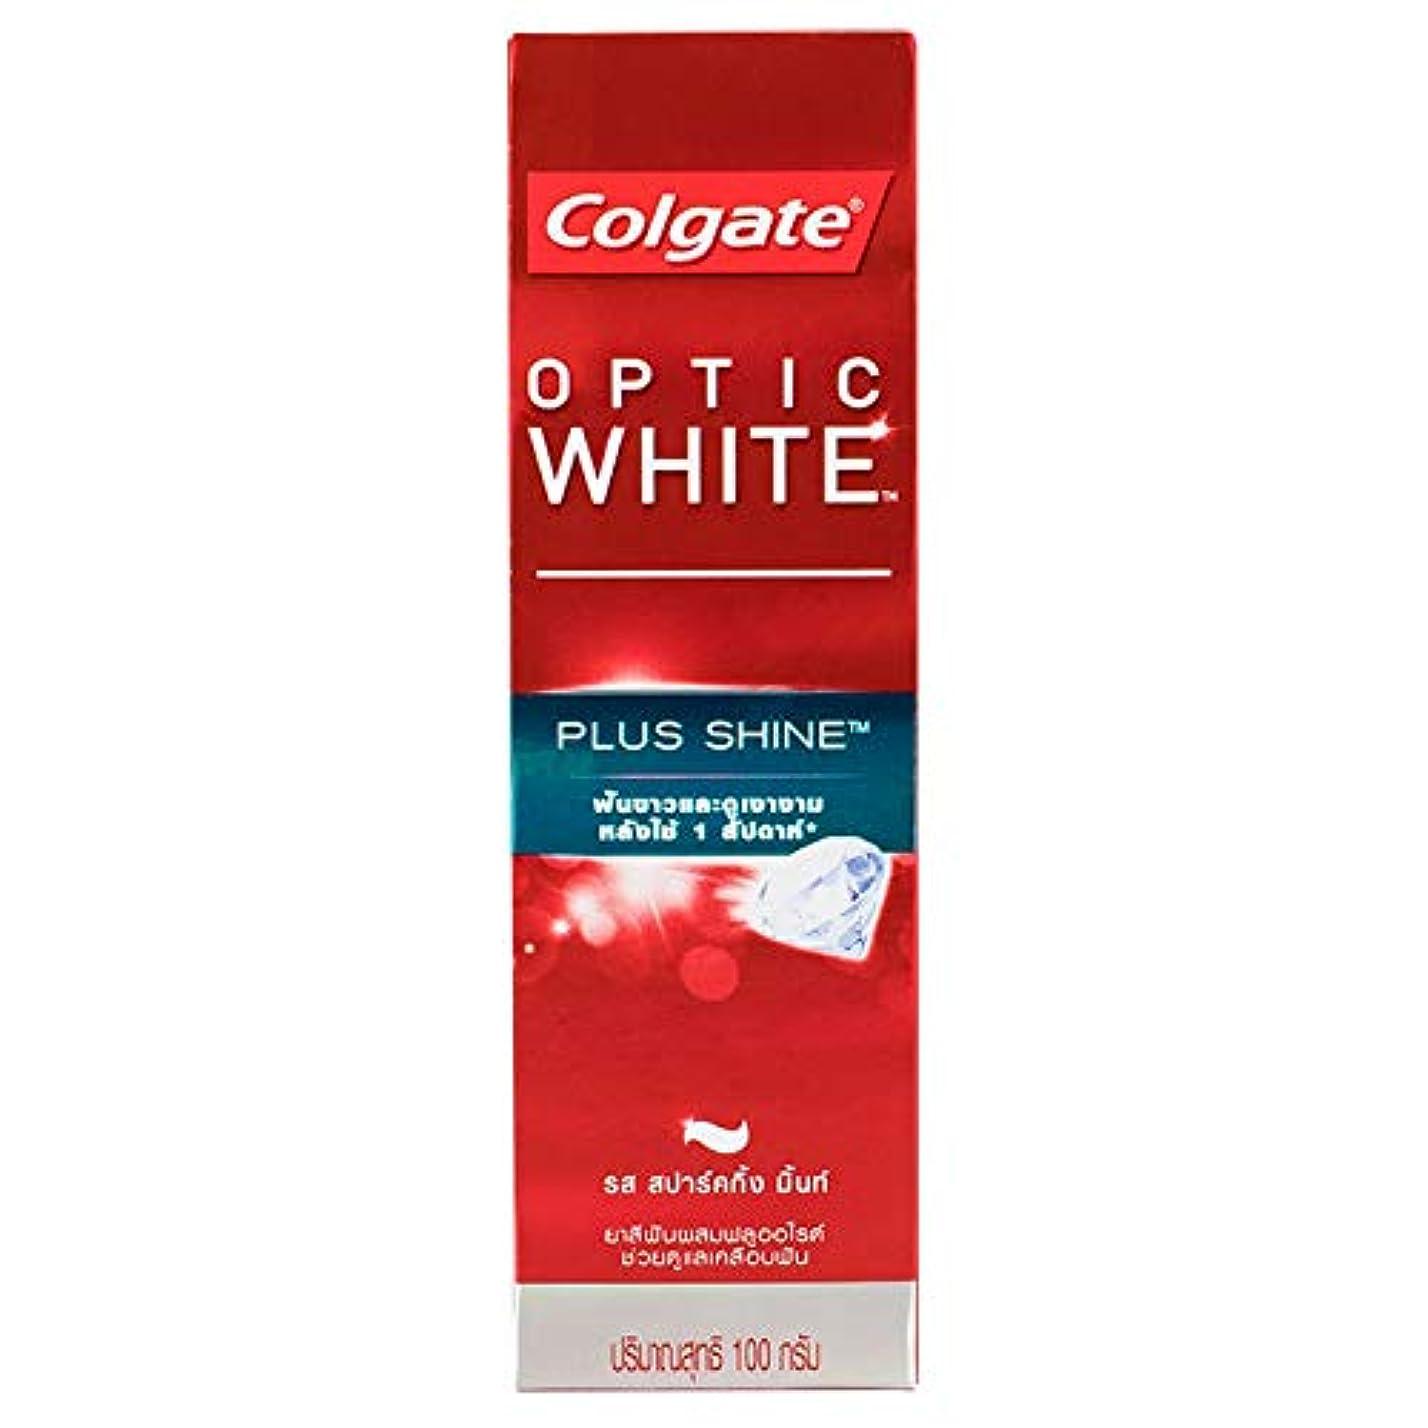 睡眠ソフィー家畜(コルゲート)Colgate 歯磨き粉 「オプティック ホワイト 」 (プラス シャイン)